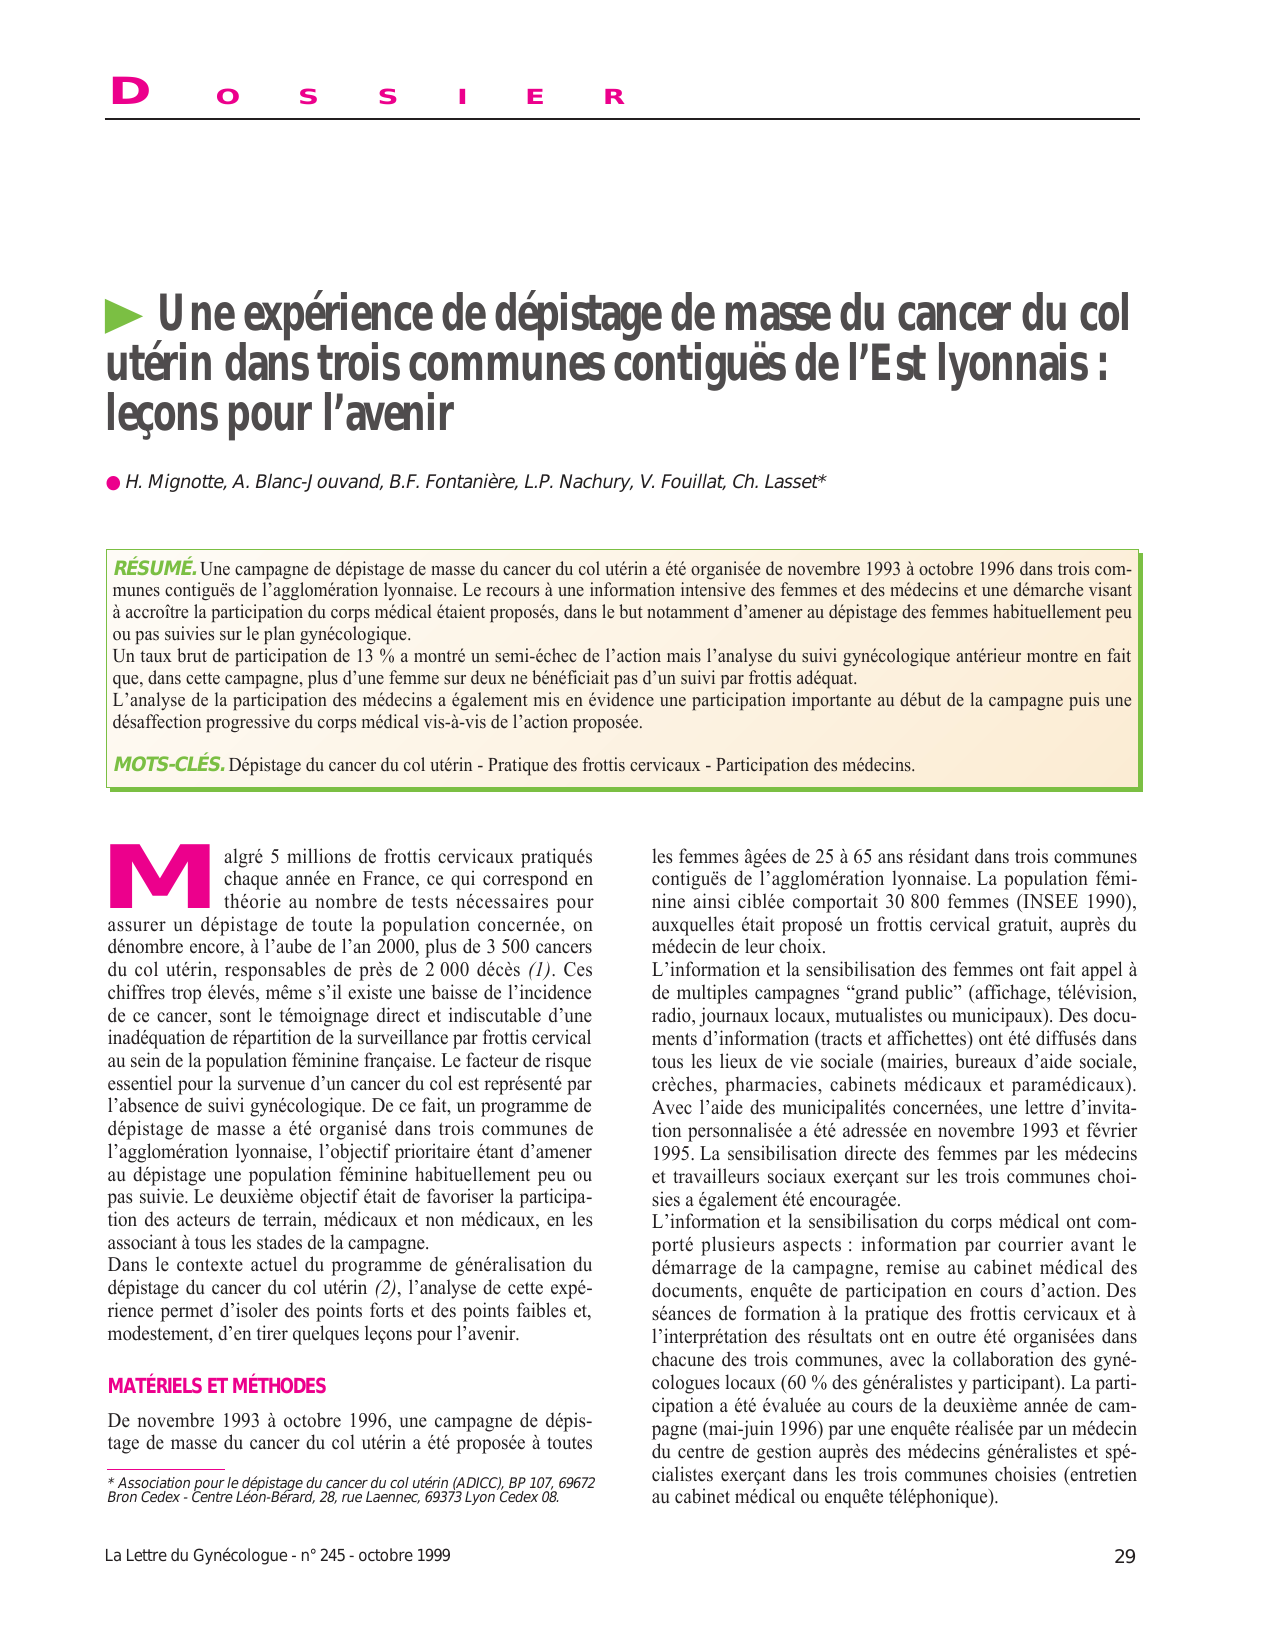 cancer de col uterin dex